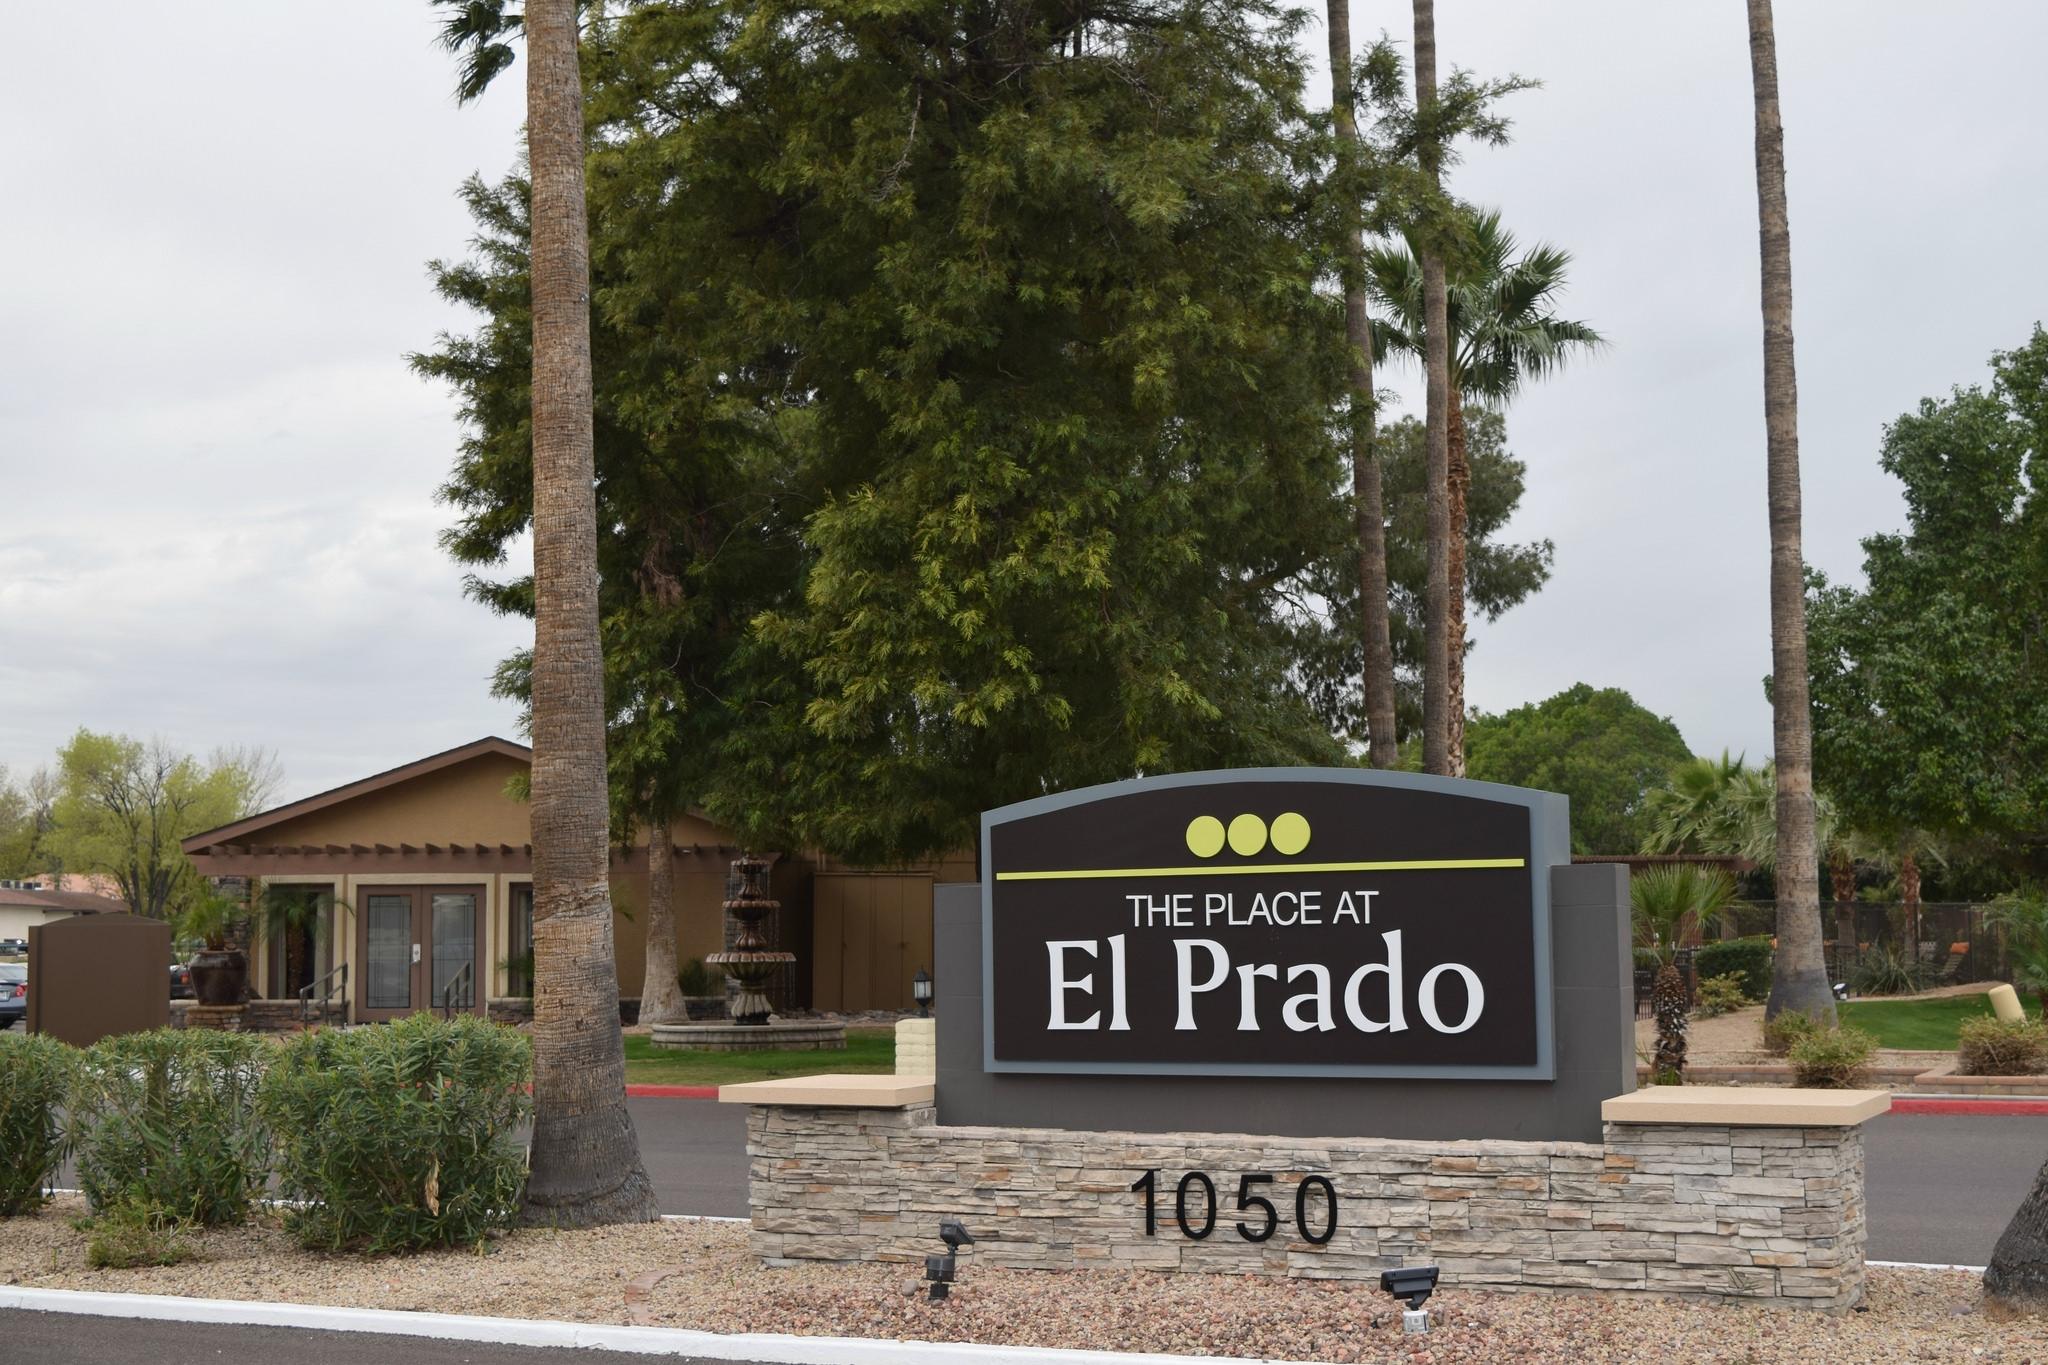 The Place at El Prado <br><font color=#FF8C00>480-912-8193</font></b>